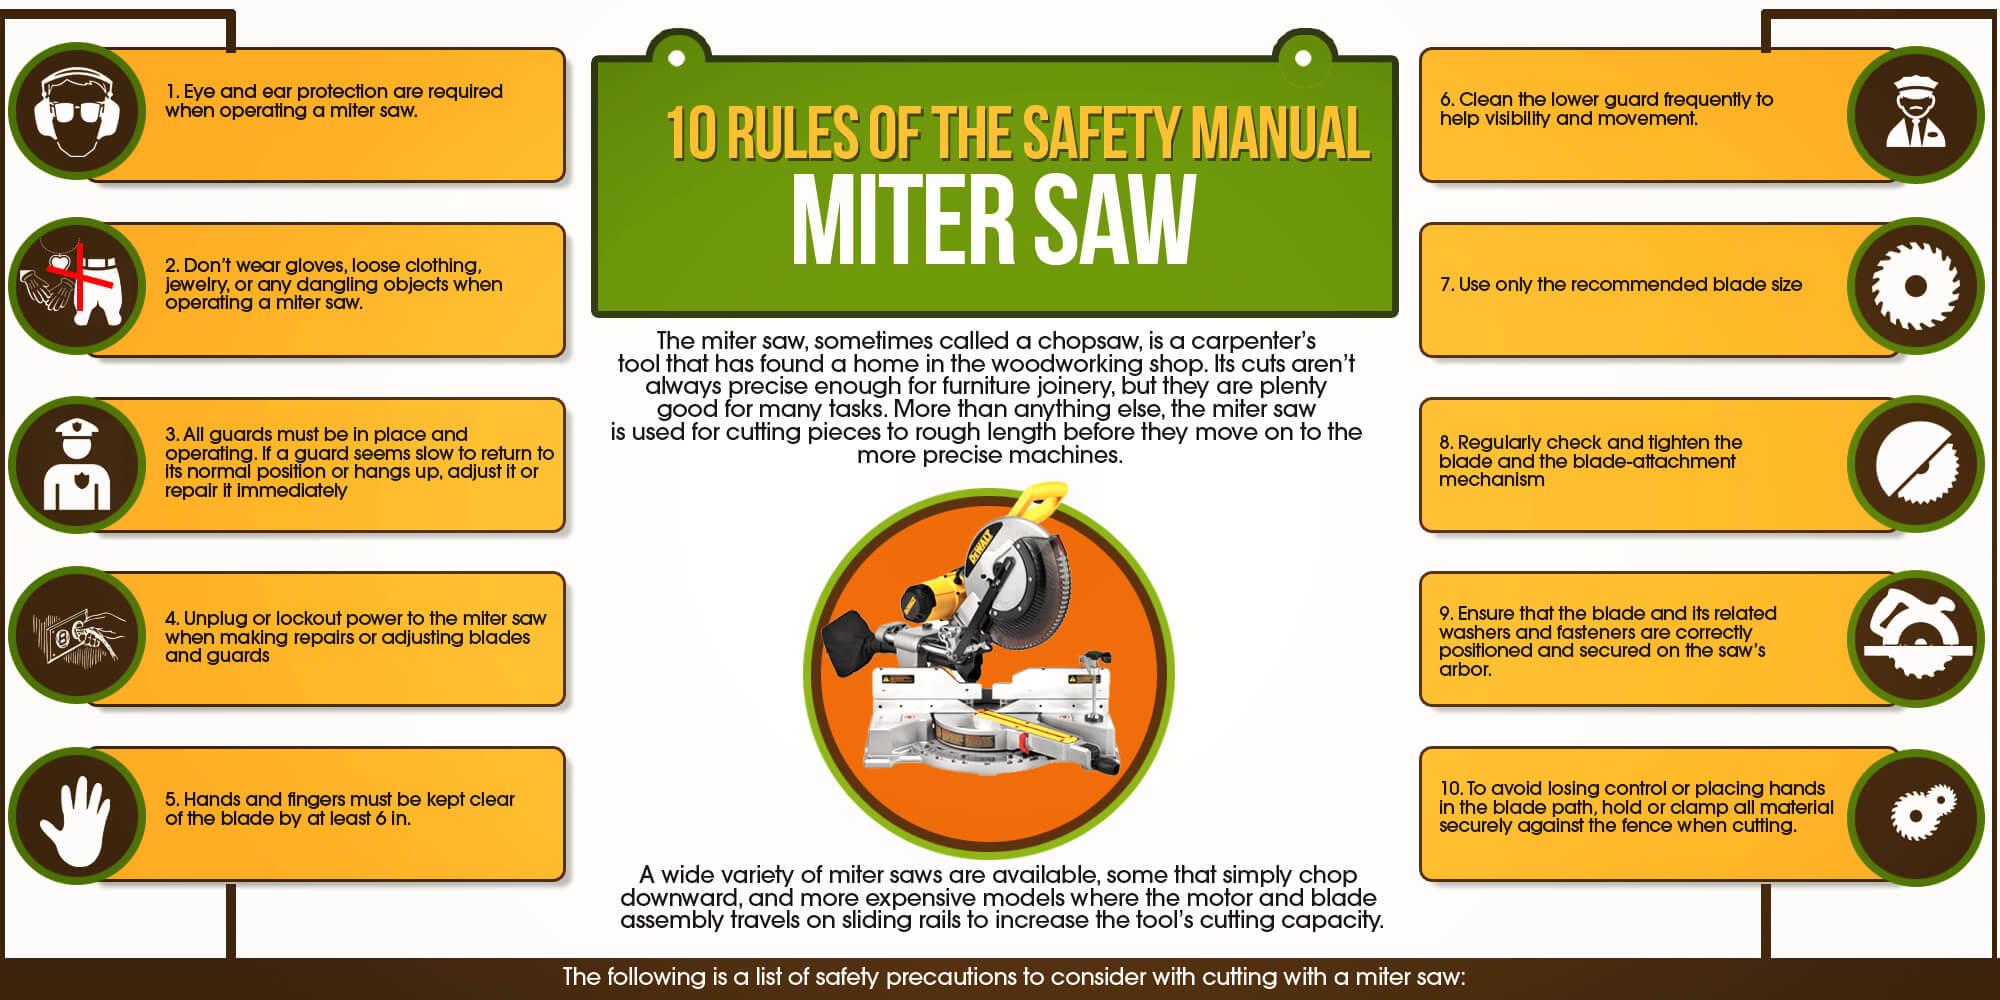 Miter saw safety Manual